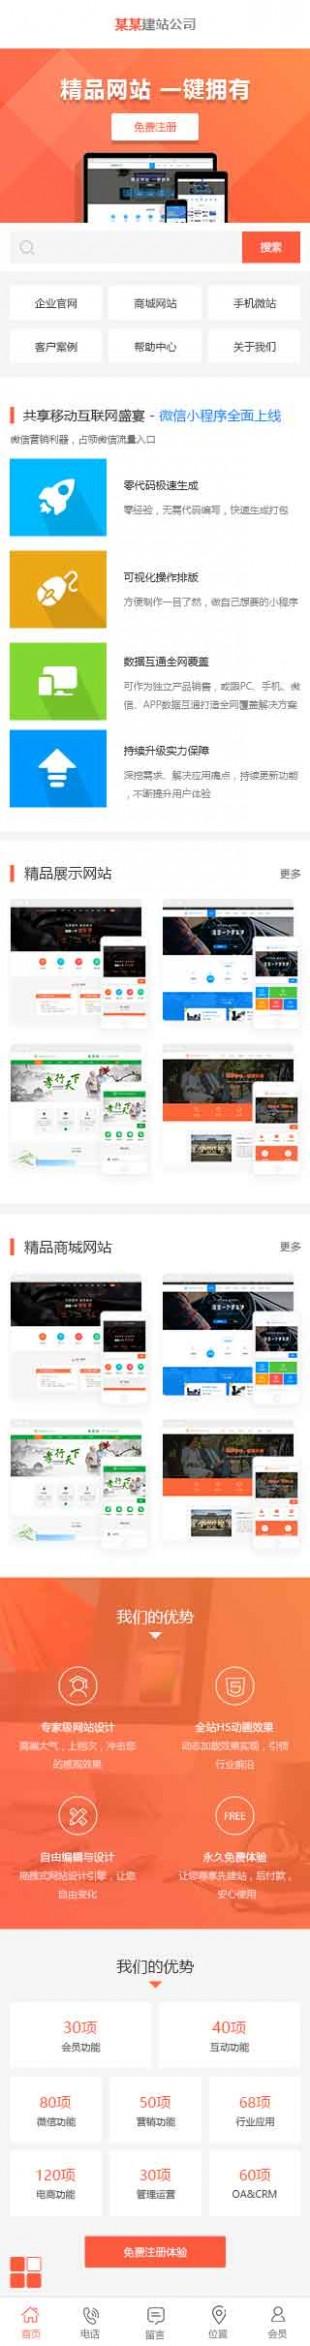 网站模板制作公司网站制作模板手机图片